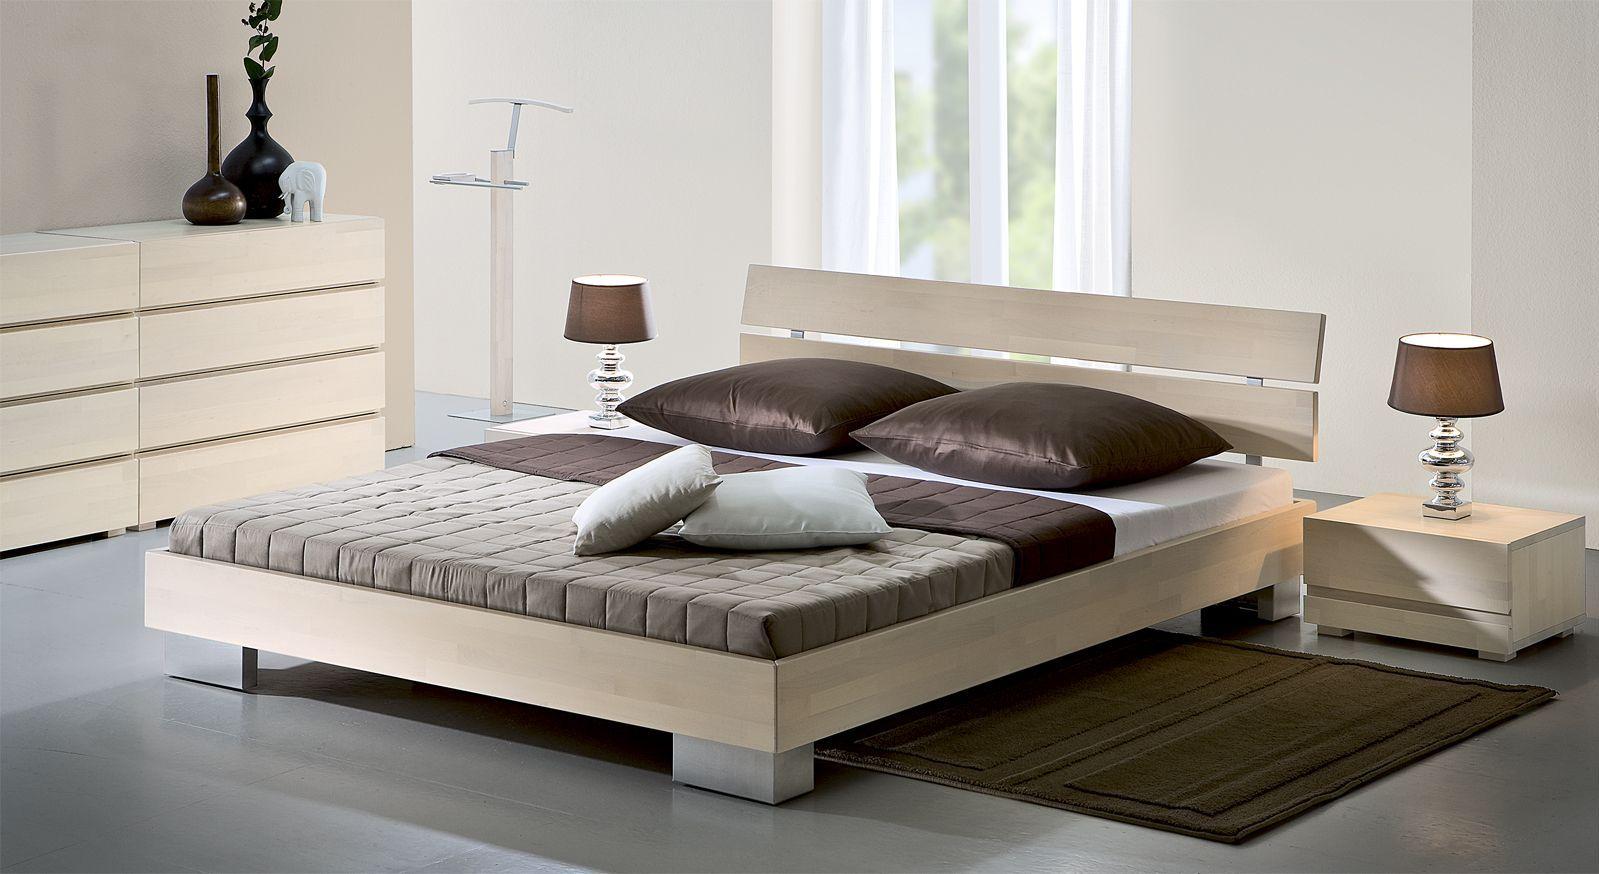 Das Bett Aus Weißer Buche Kommt Besonders In Dunkleren Schlafzimmer Gut Zur  Geltung.